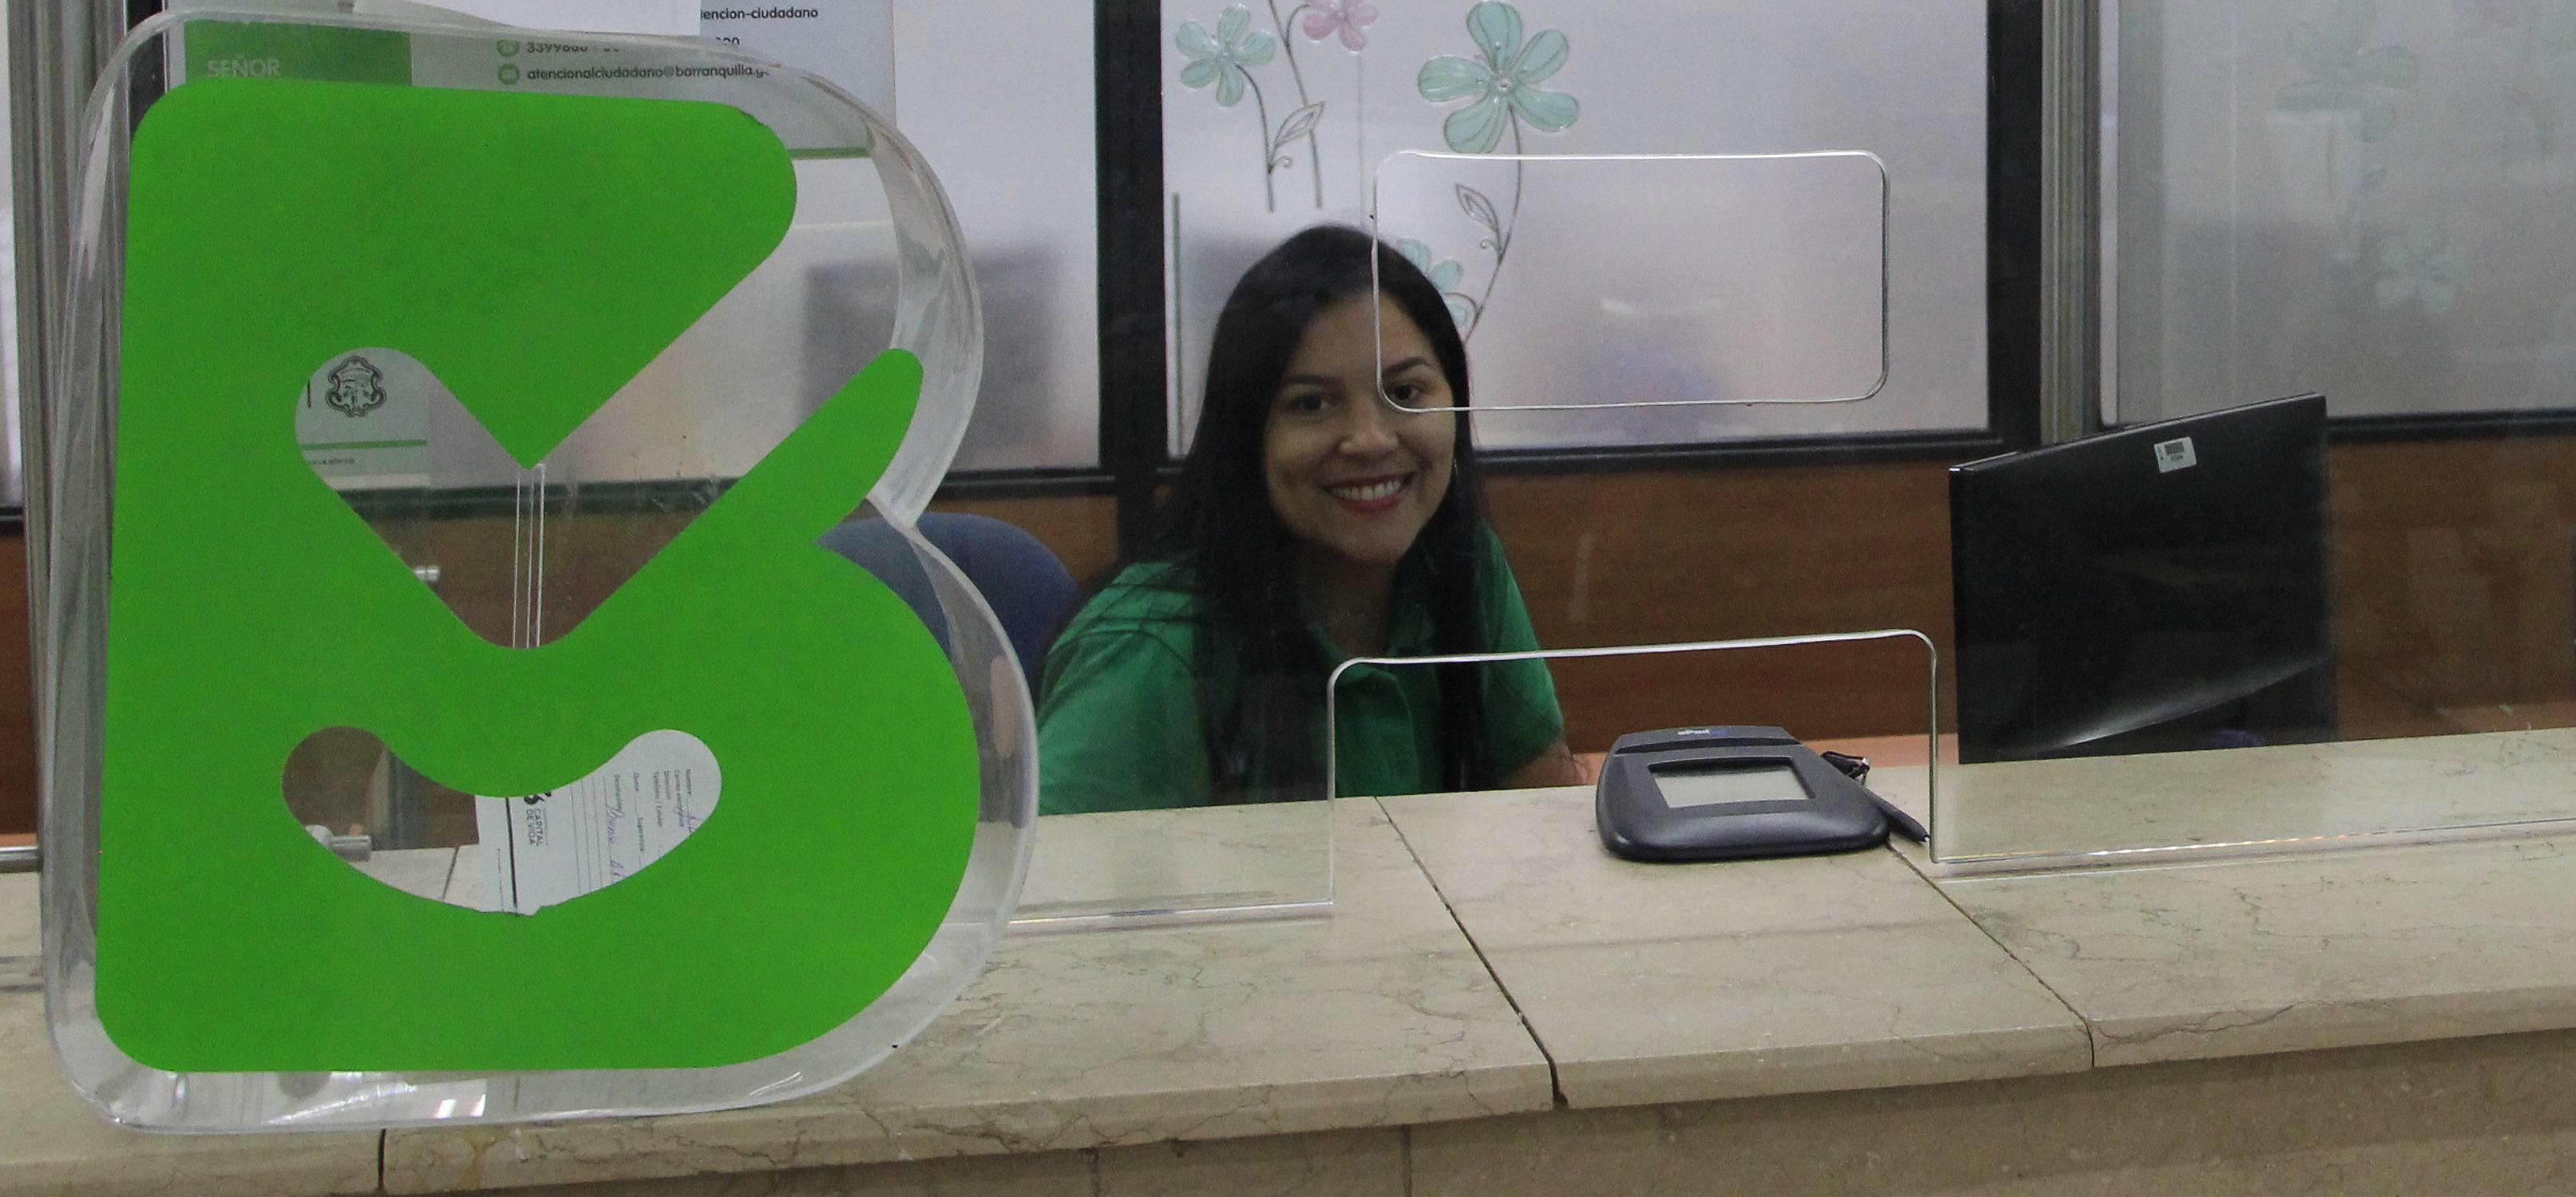 Directorio interno Alcaldía Distrital